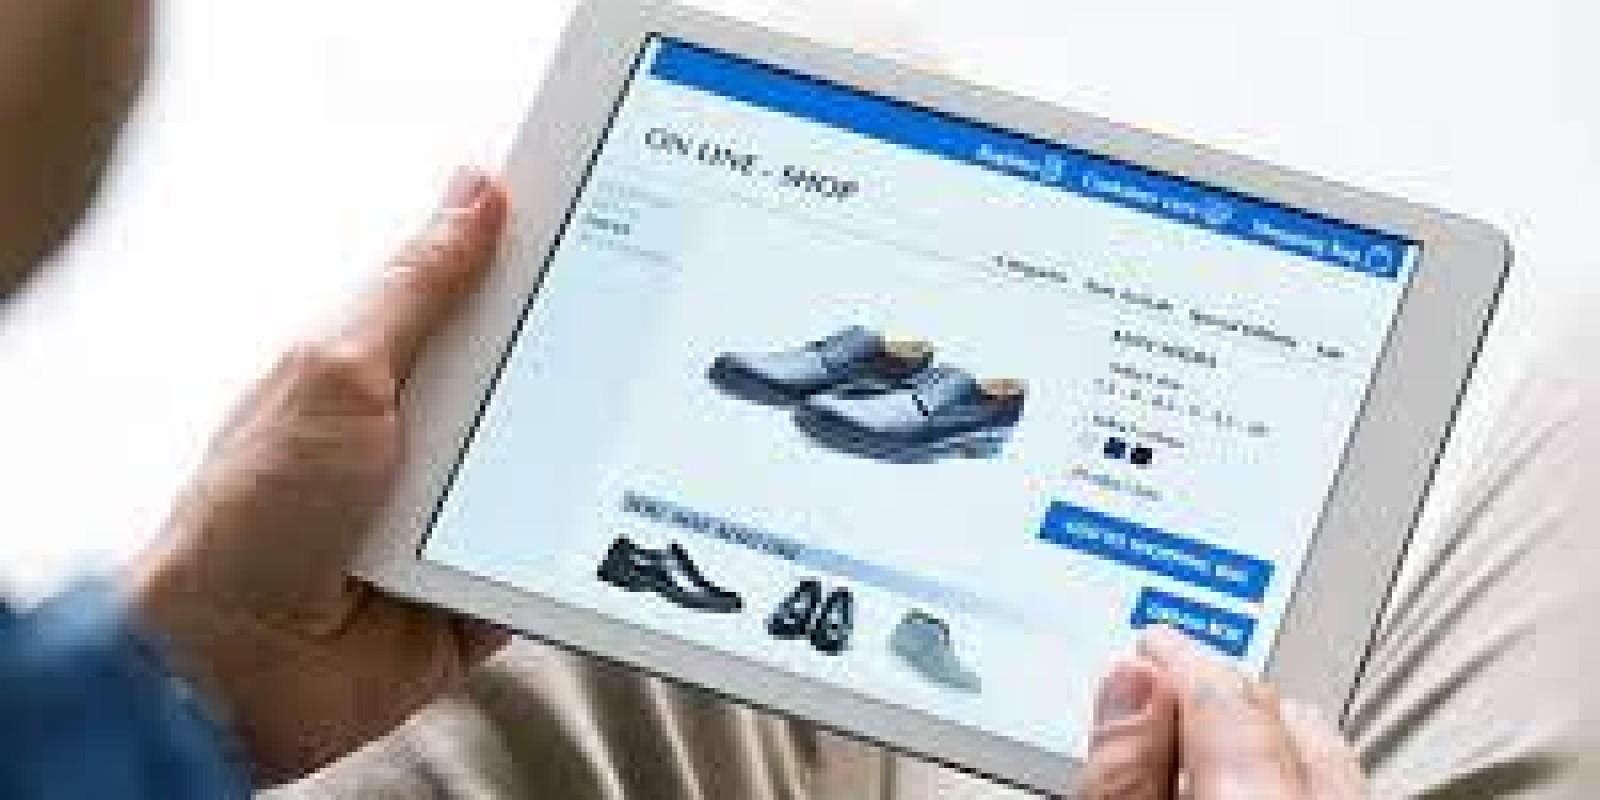 51% dos internautas fizeram compras por aplicativos no último ano, revela estudo da CNDL/SPC Brasil